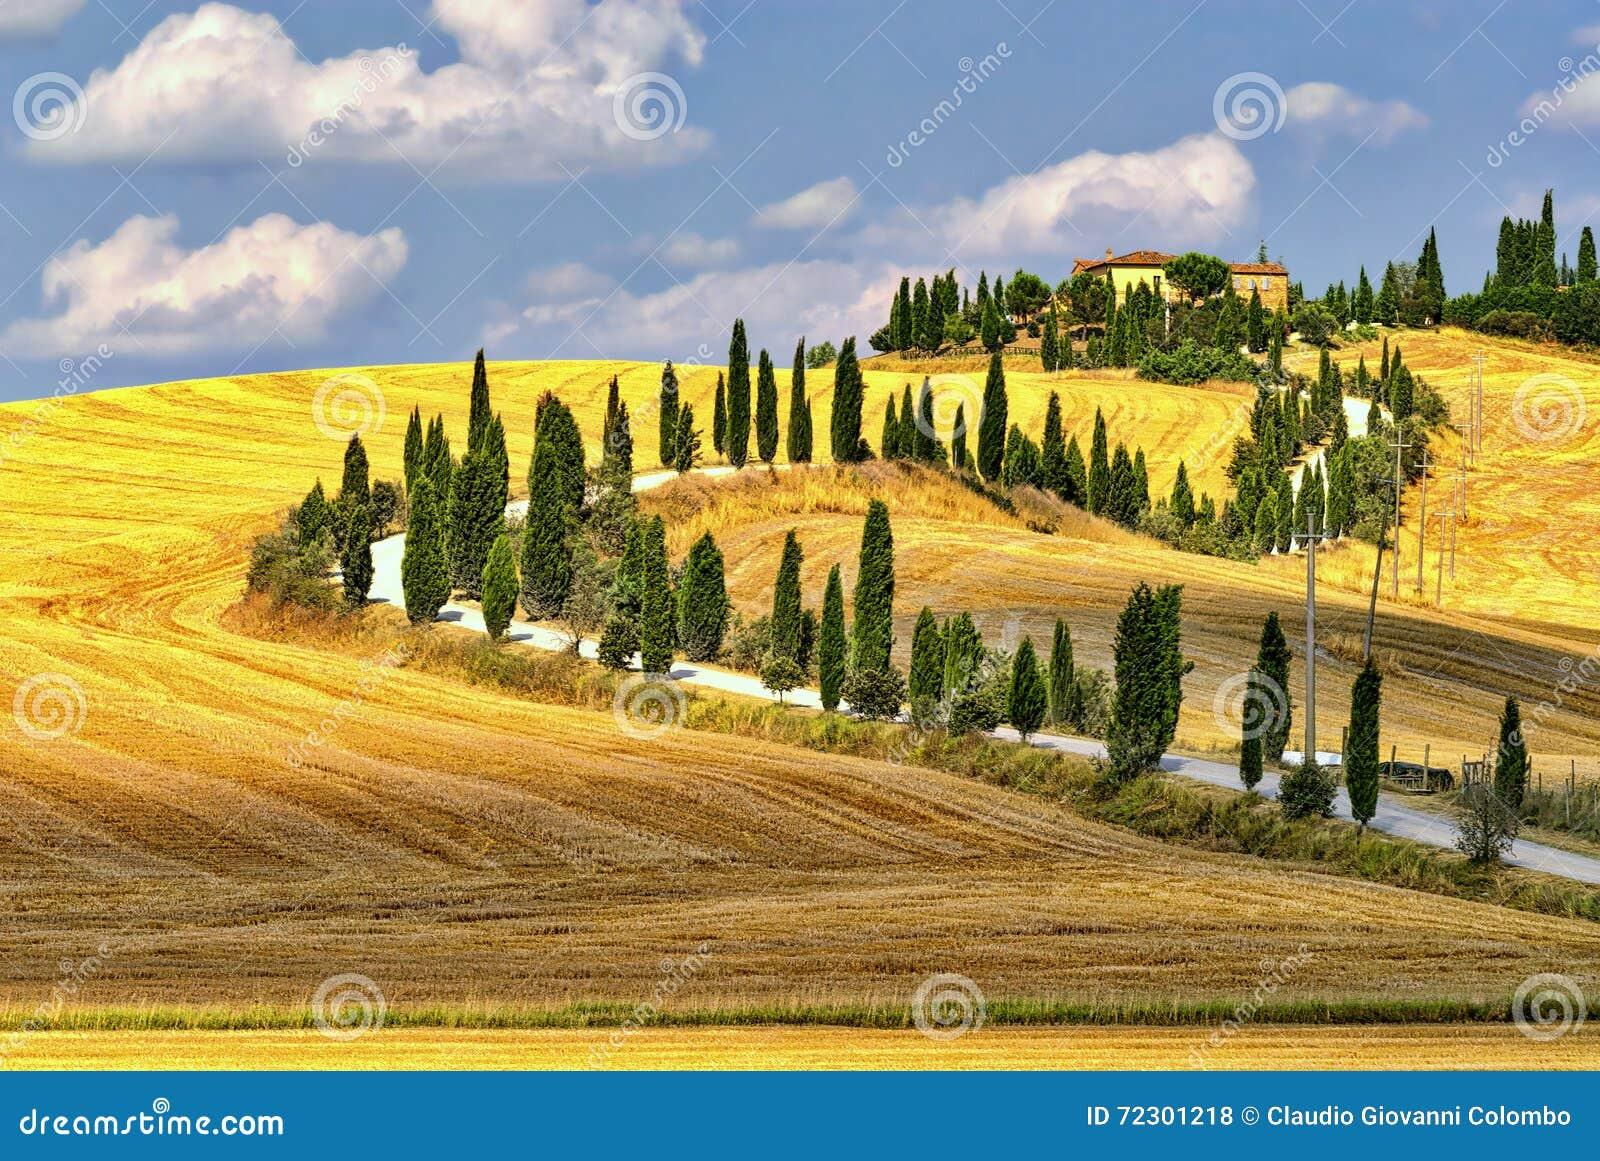 Sommarlandskap i Tuscany på sommar